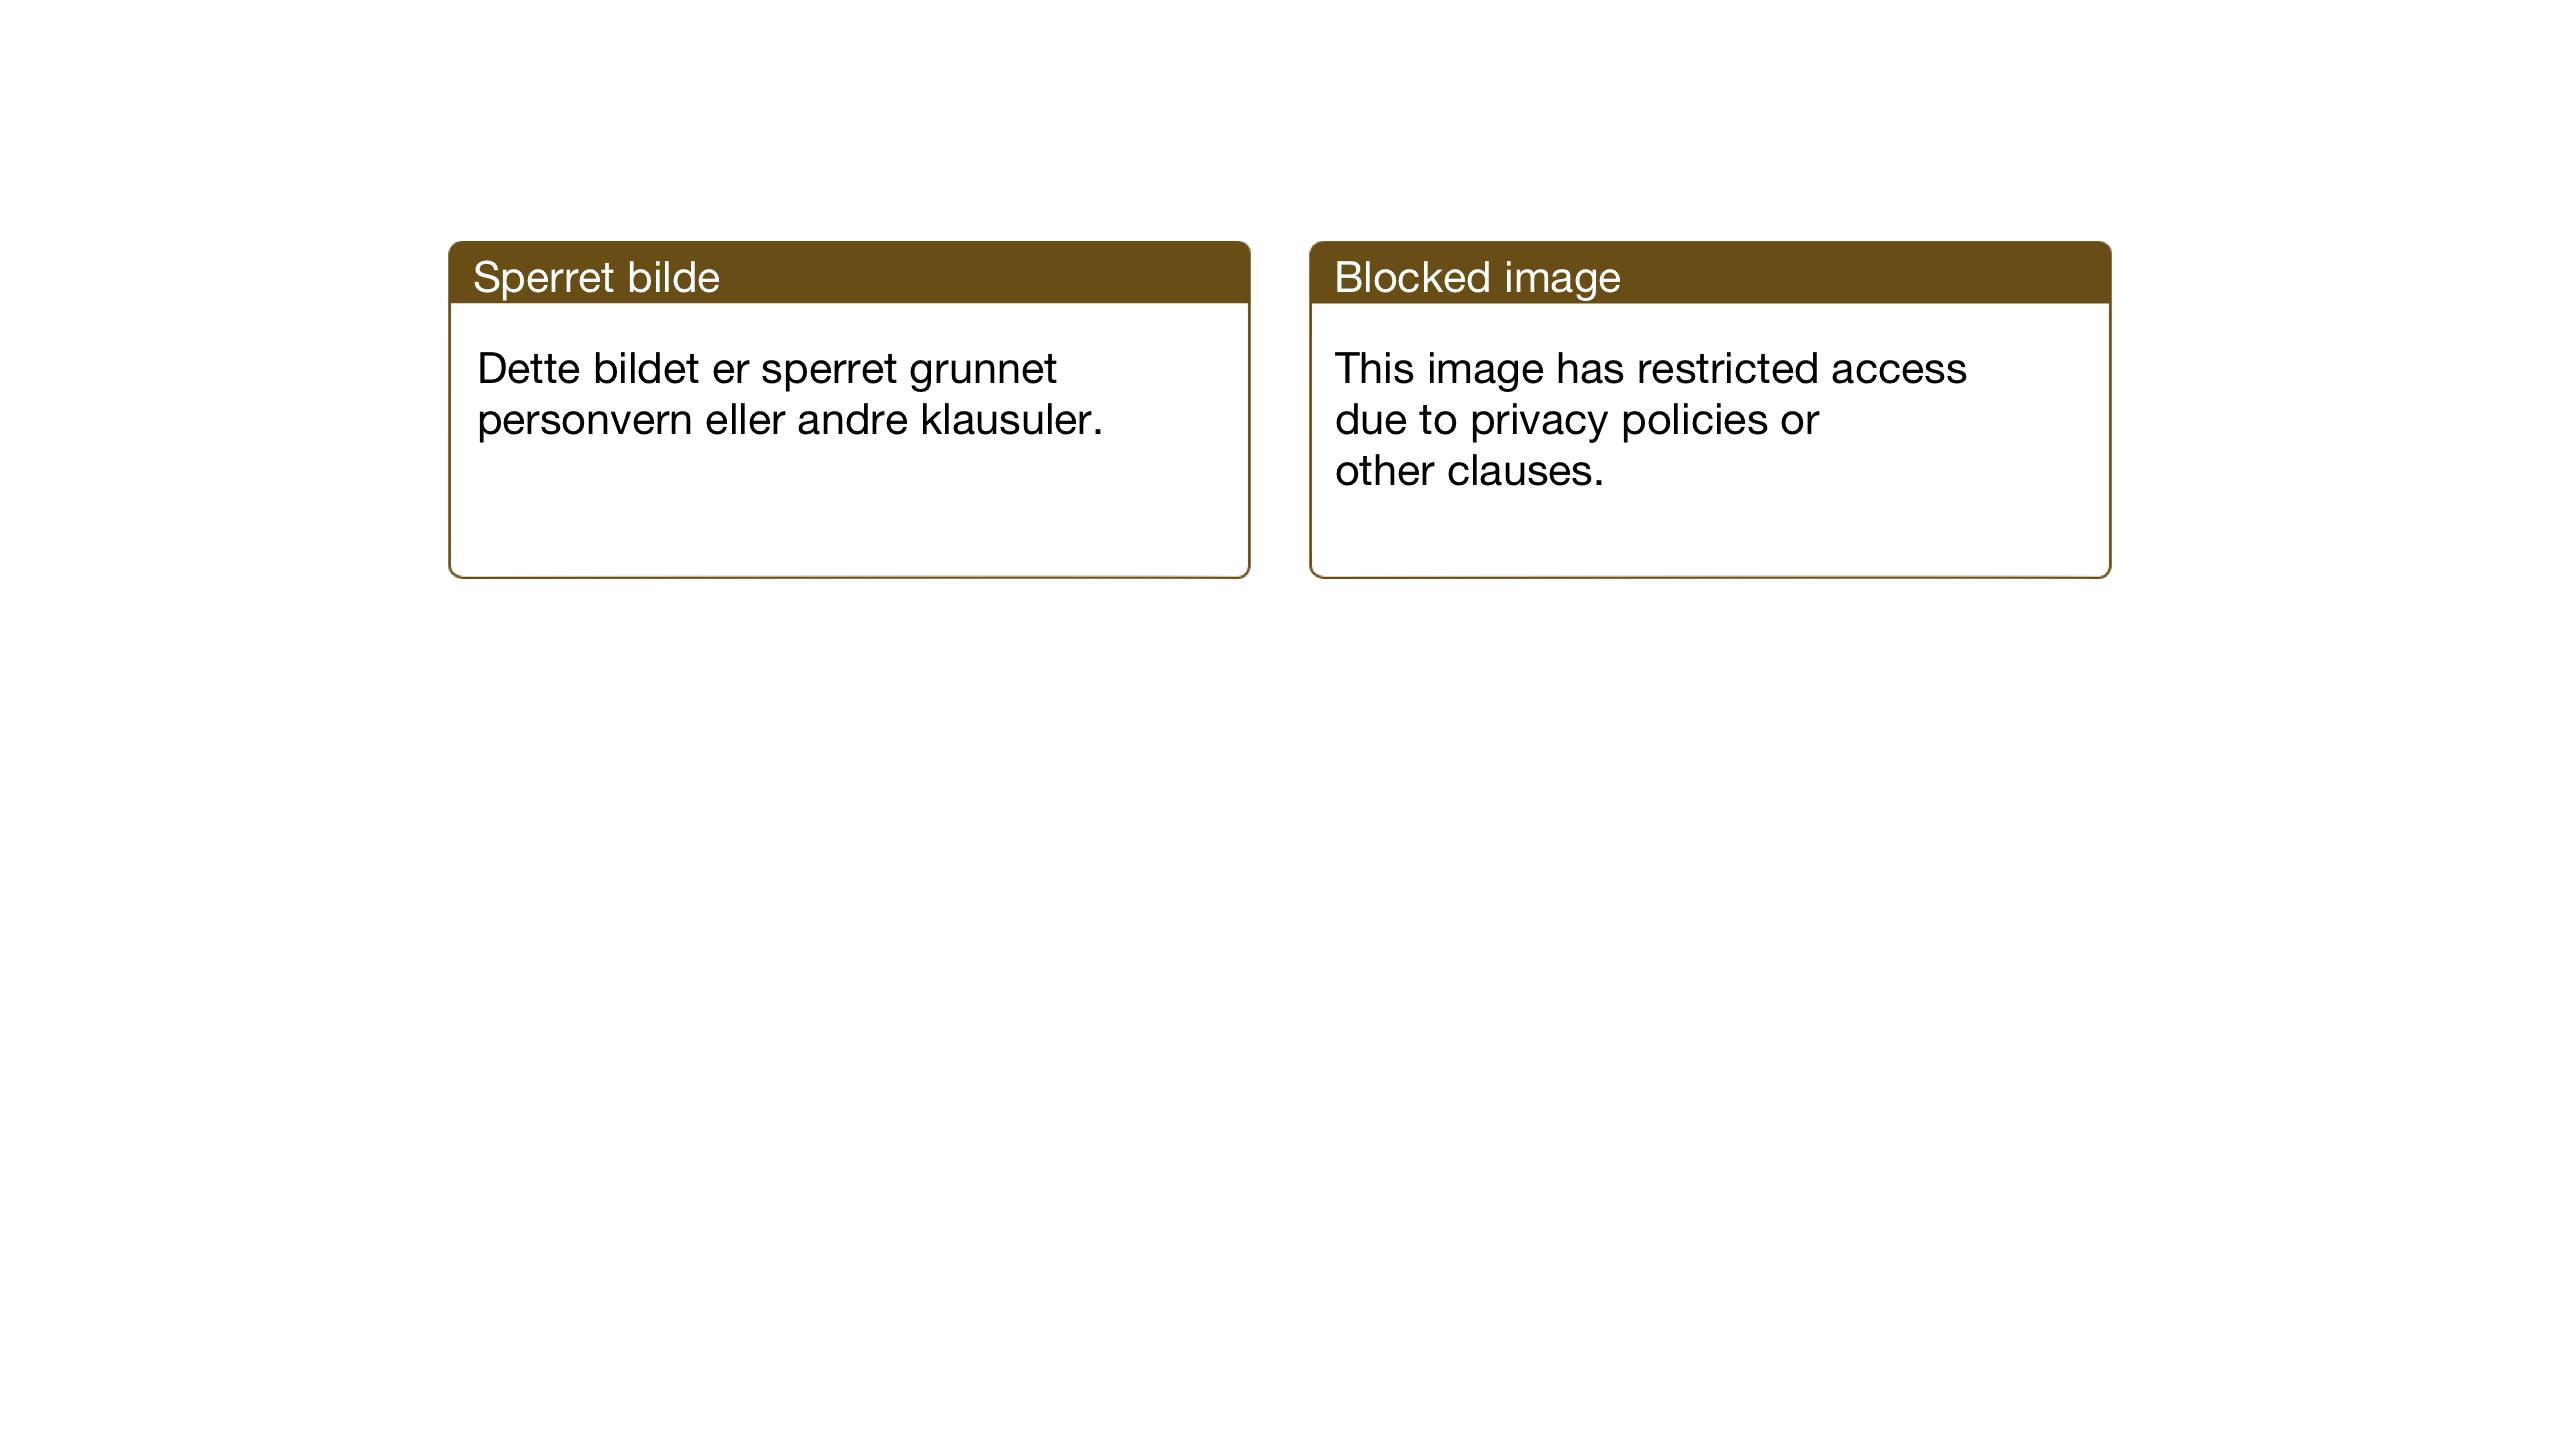 SAT, Ministerialprotokoller, klokkerbøker og fødselsregistre - Nord-Trøndelag, 714/L0136: Klokkerbok nr. 714C05, 1918-1957, s. 40